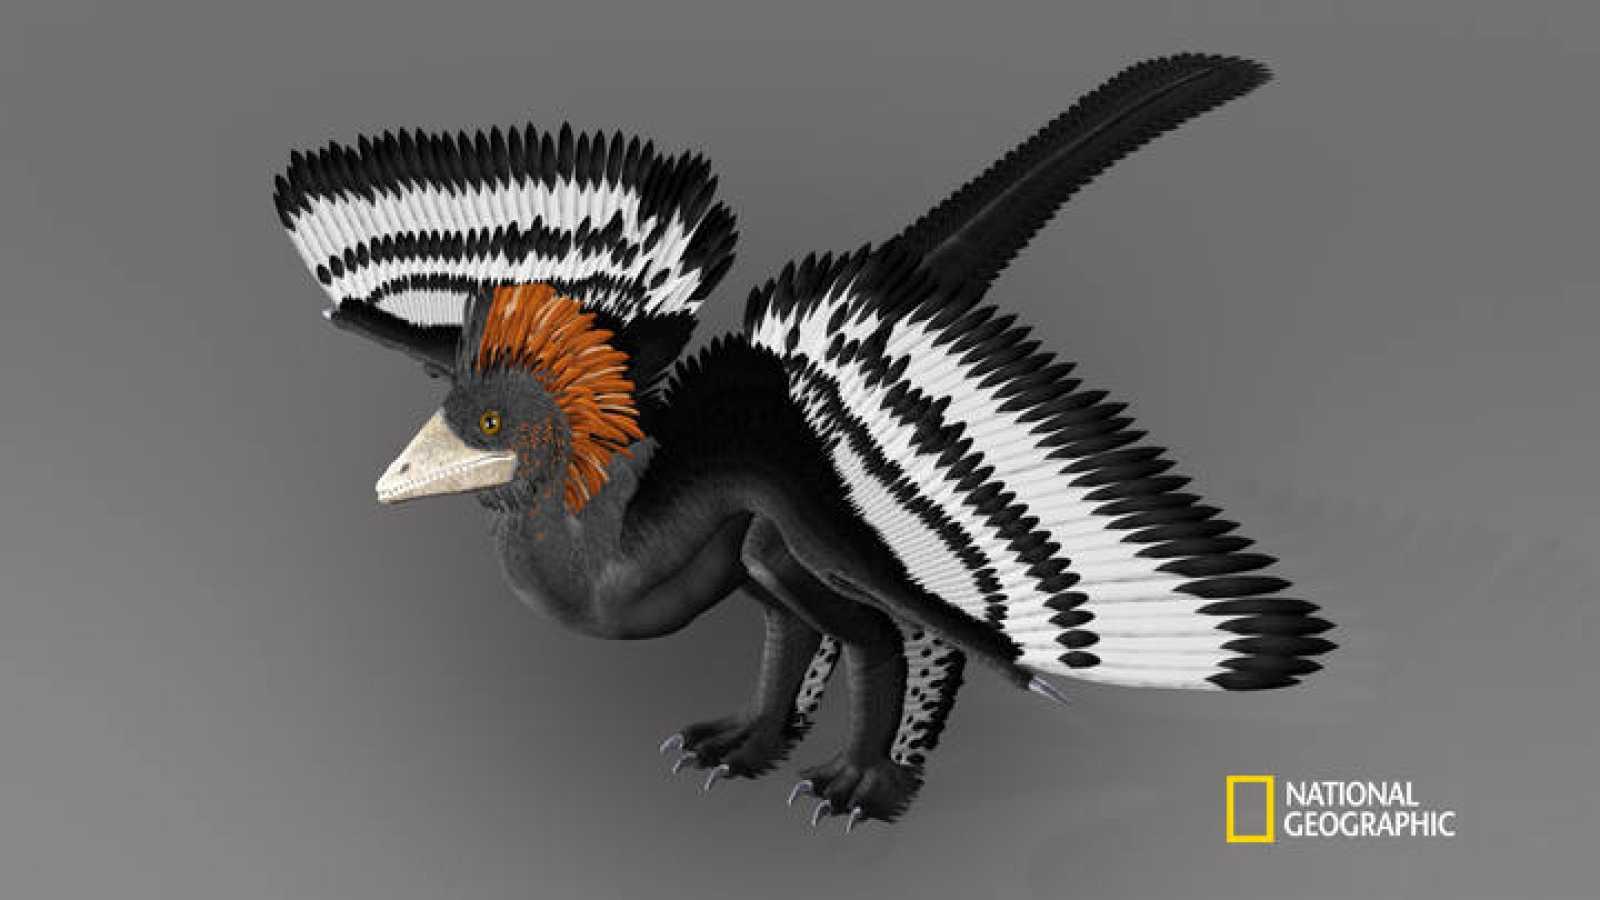 Ilustración del Anchiornis huxleyi y sus plumajes de colores.